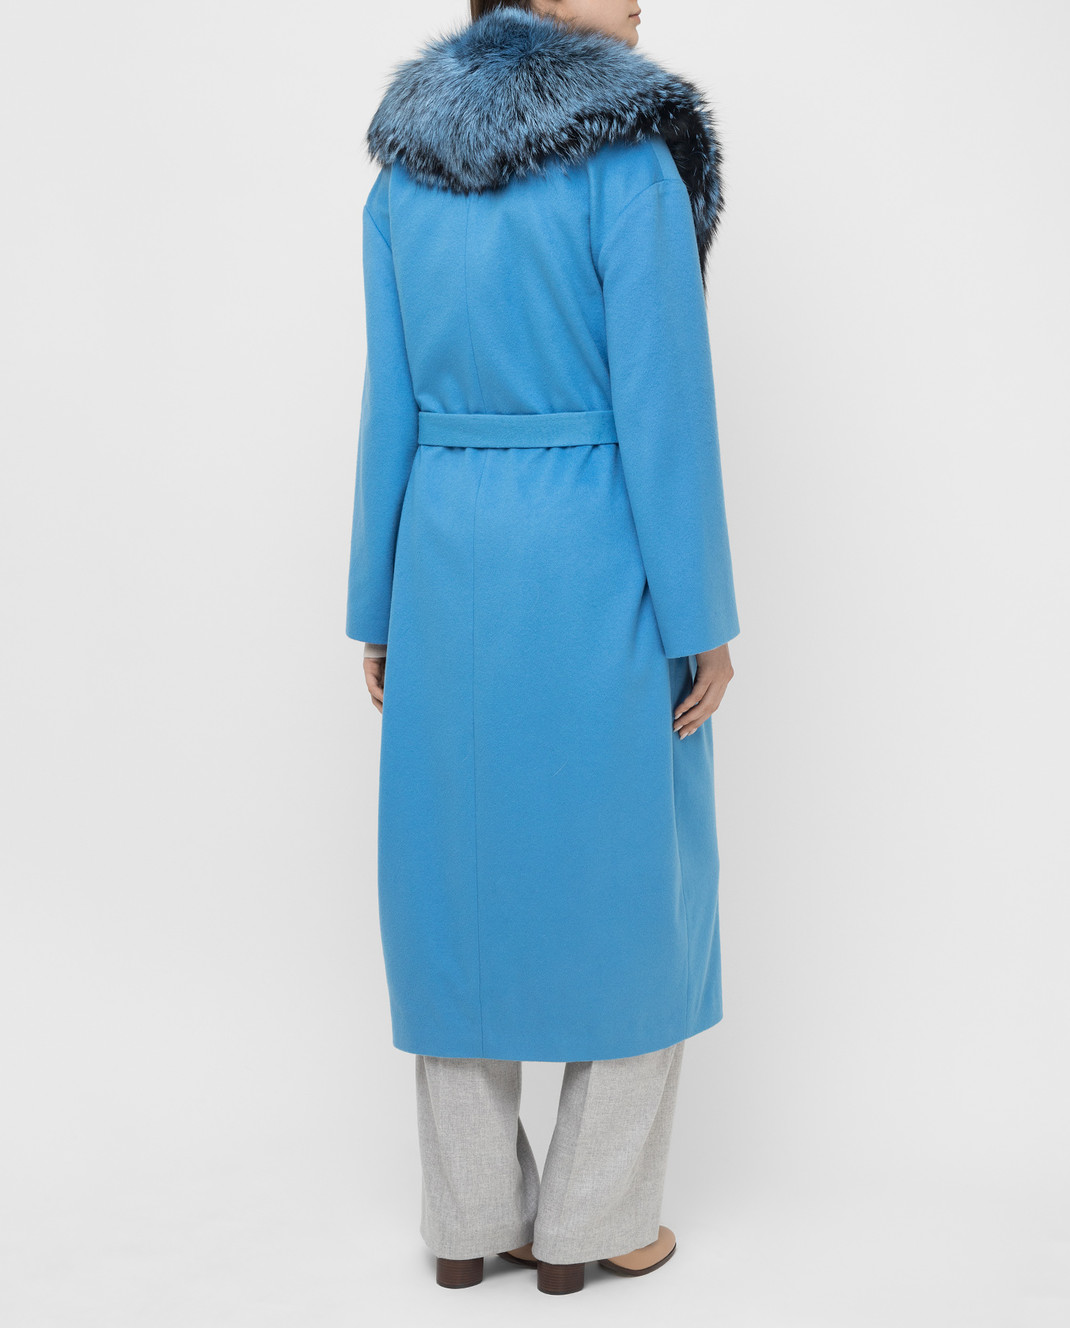 Via Cappella Голубое пальто из кашемира с мехом лисы C171418CASHMIR изображение 4